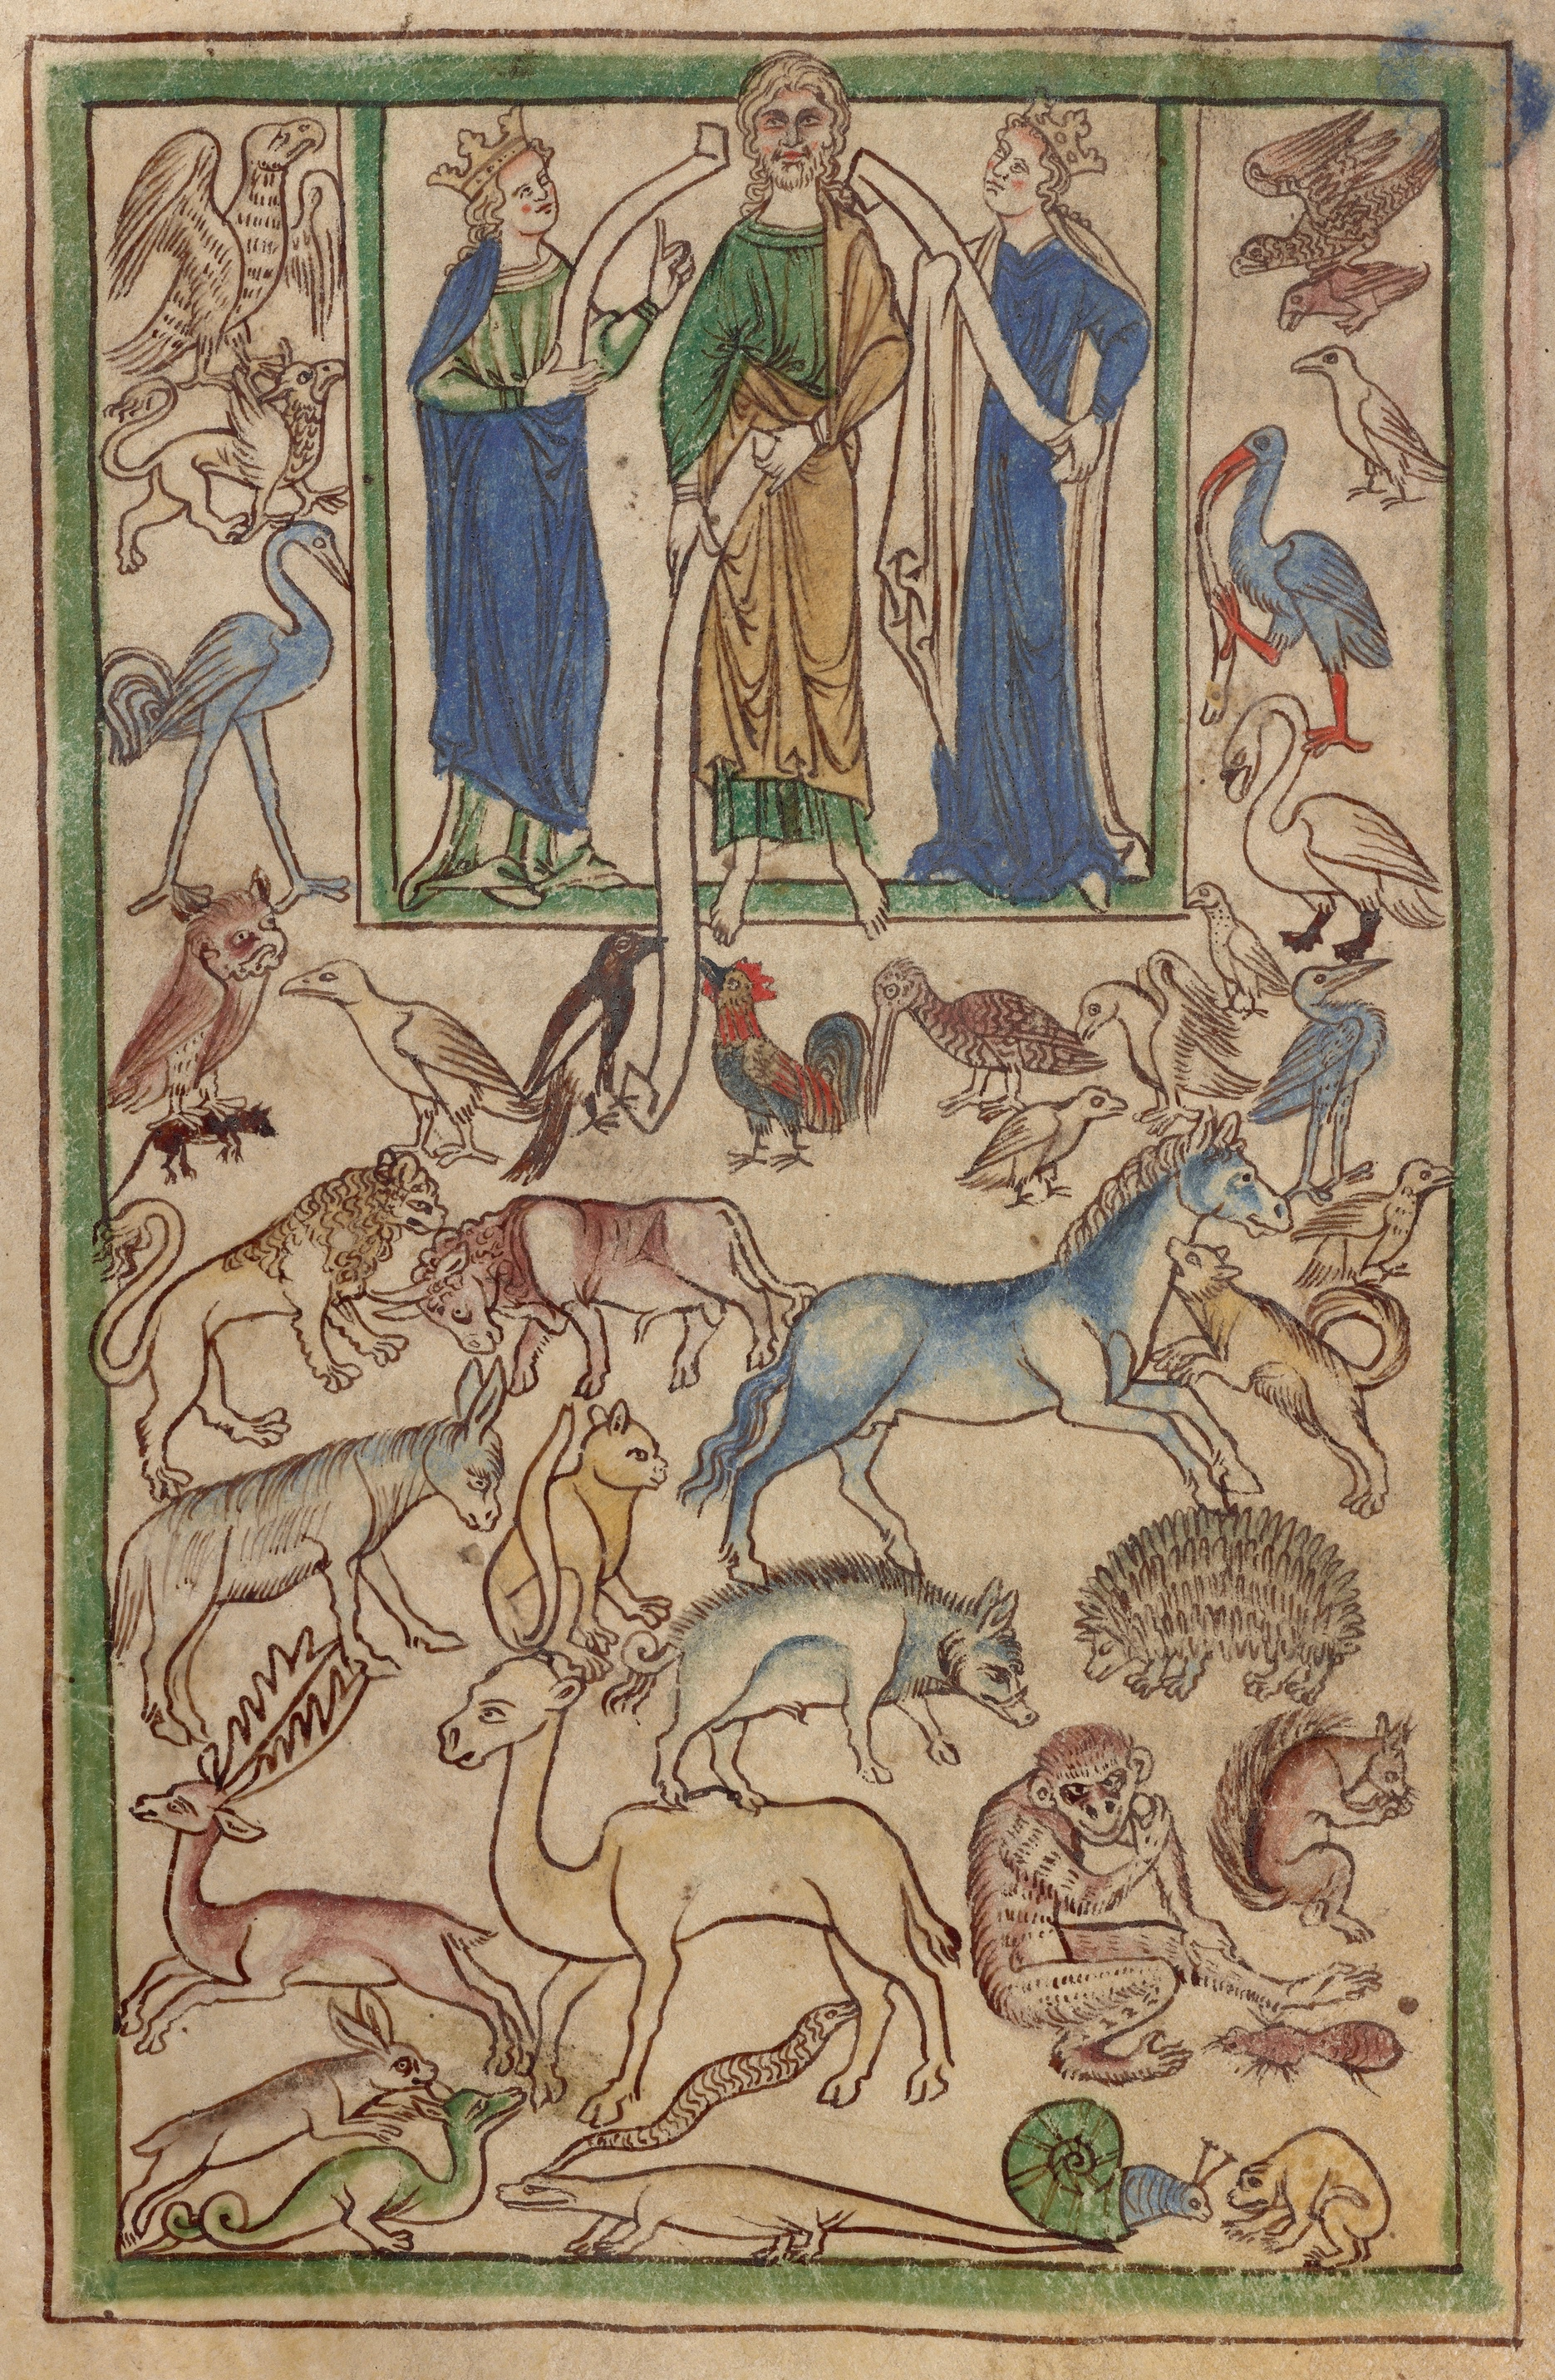 Adão nomeando os animais , Bestiário Northumberland  (Inglaterra, c. 1250-60), ms. 100, fol. 5v. The J. Paul Getty Museum, Los Angeles